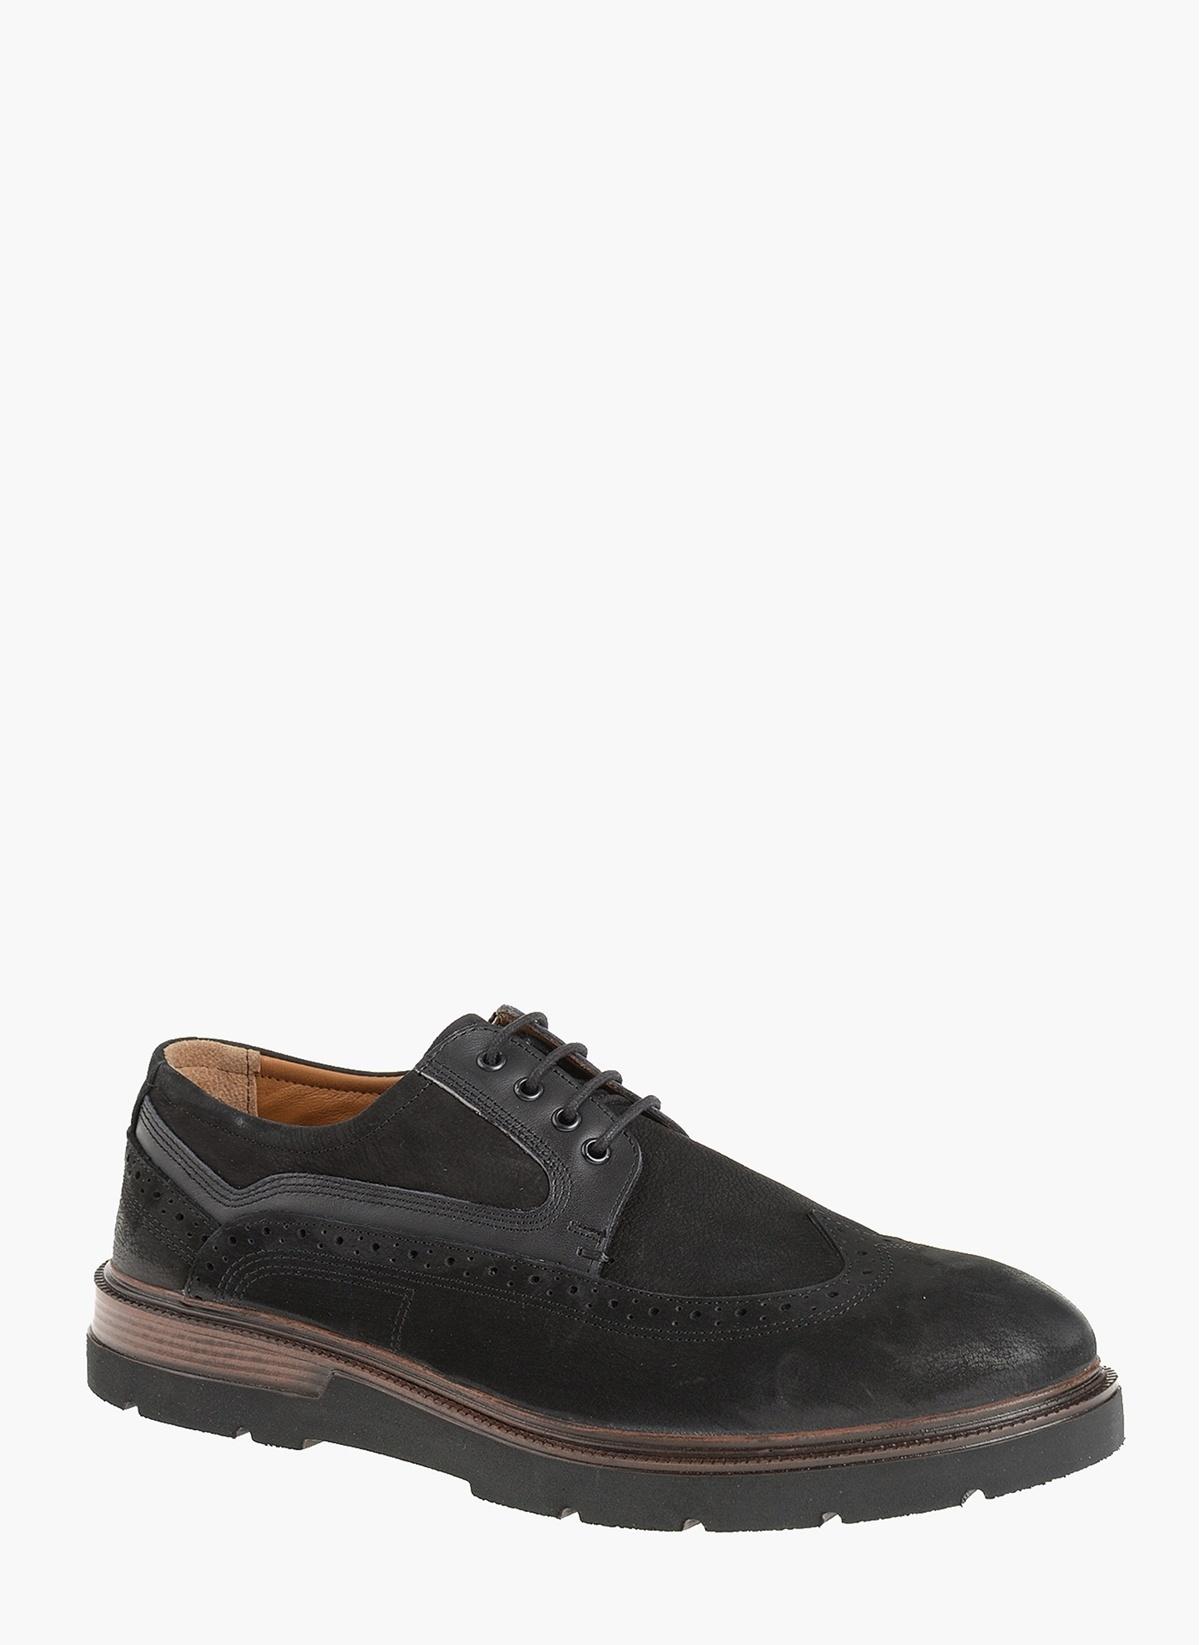 Divarese Deri Oxford Ayakkabı 5022244 E Ayakkabı – 224.7 TL